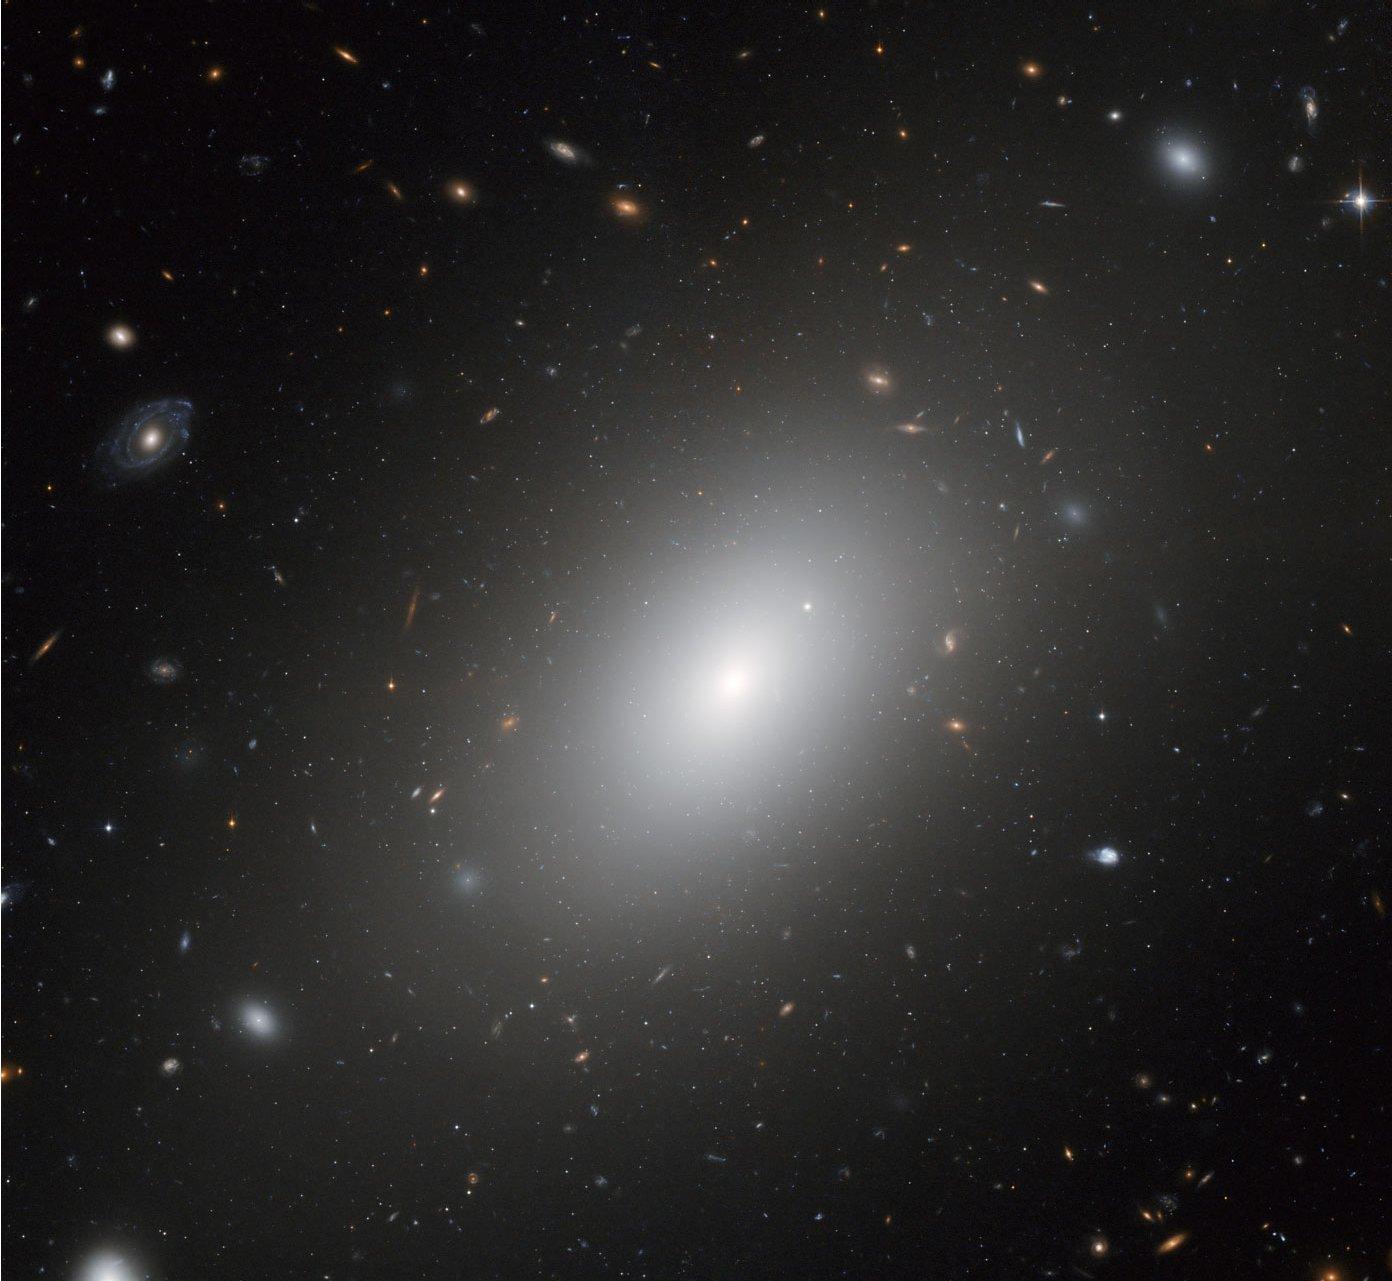 NGC1132